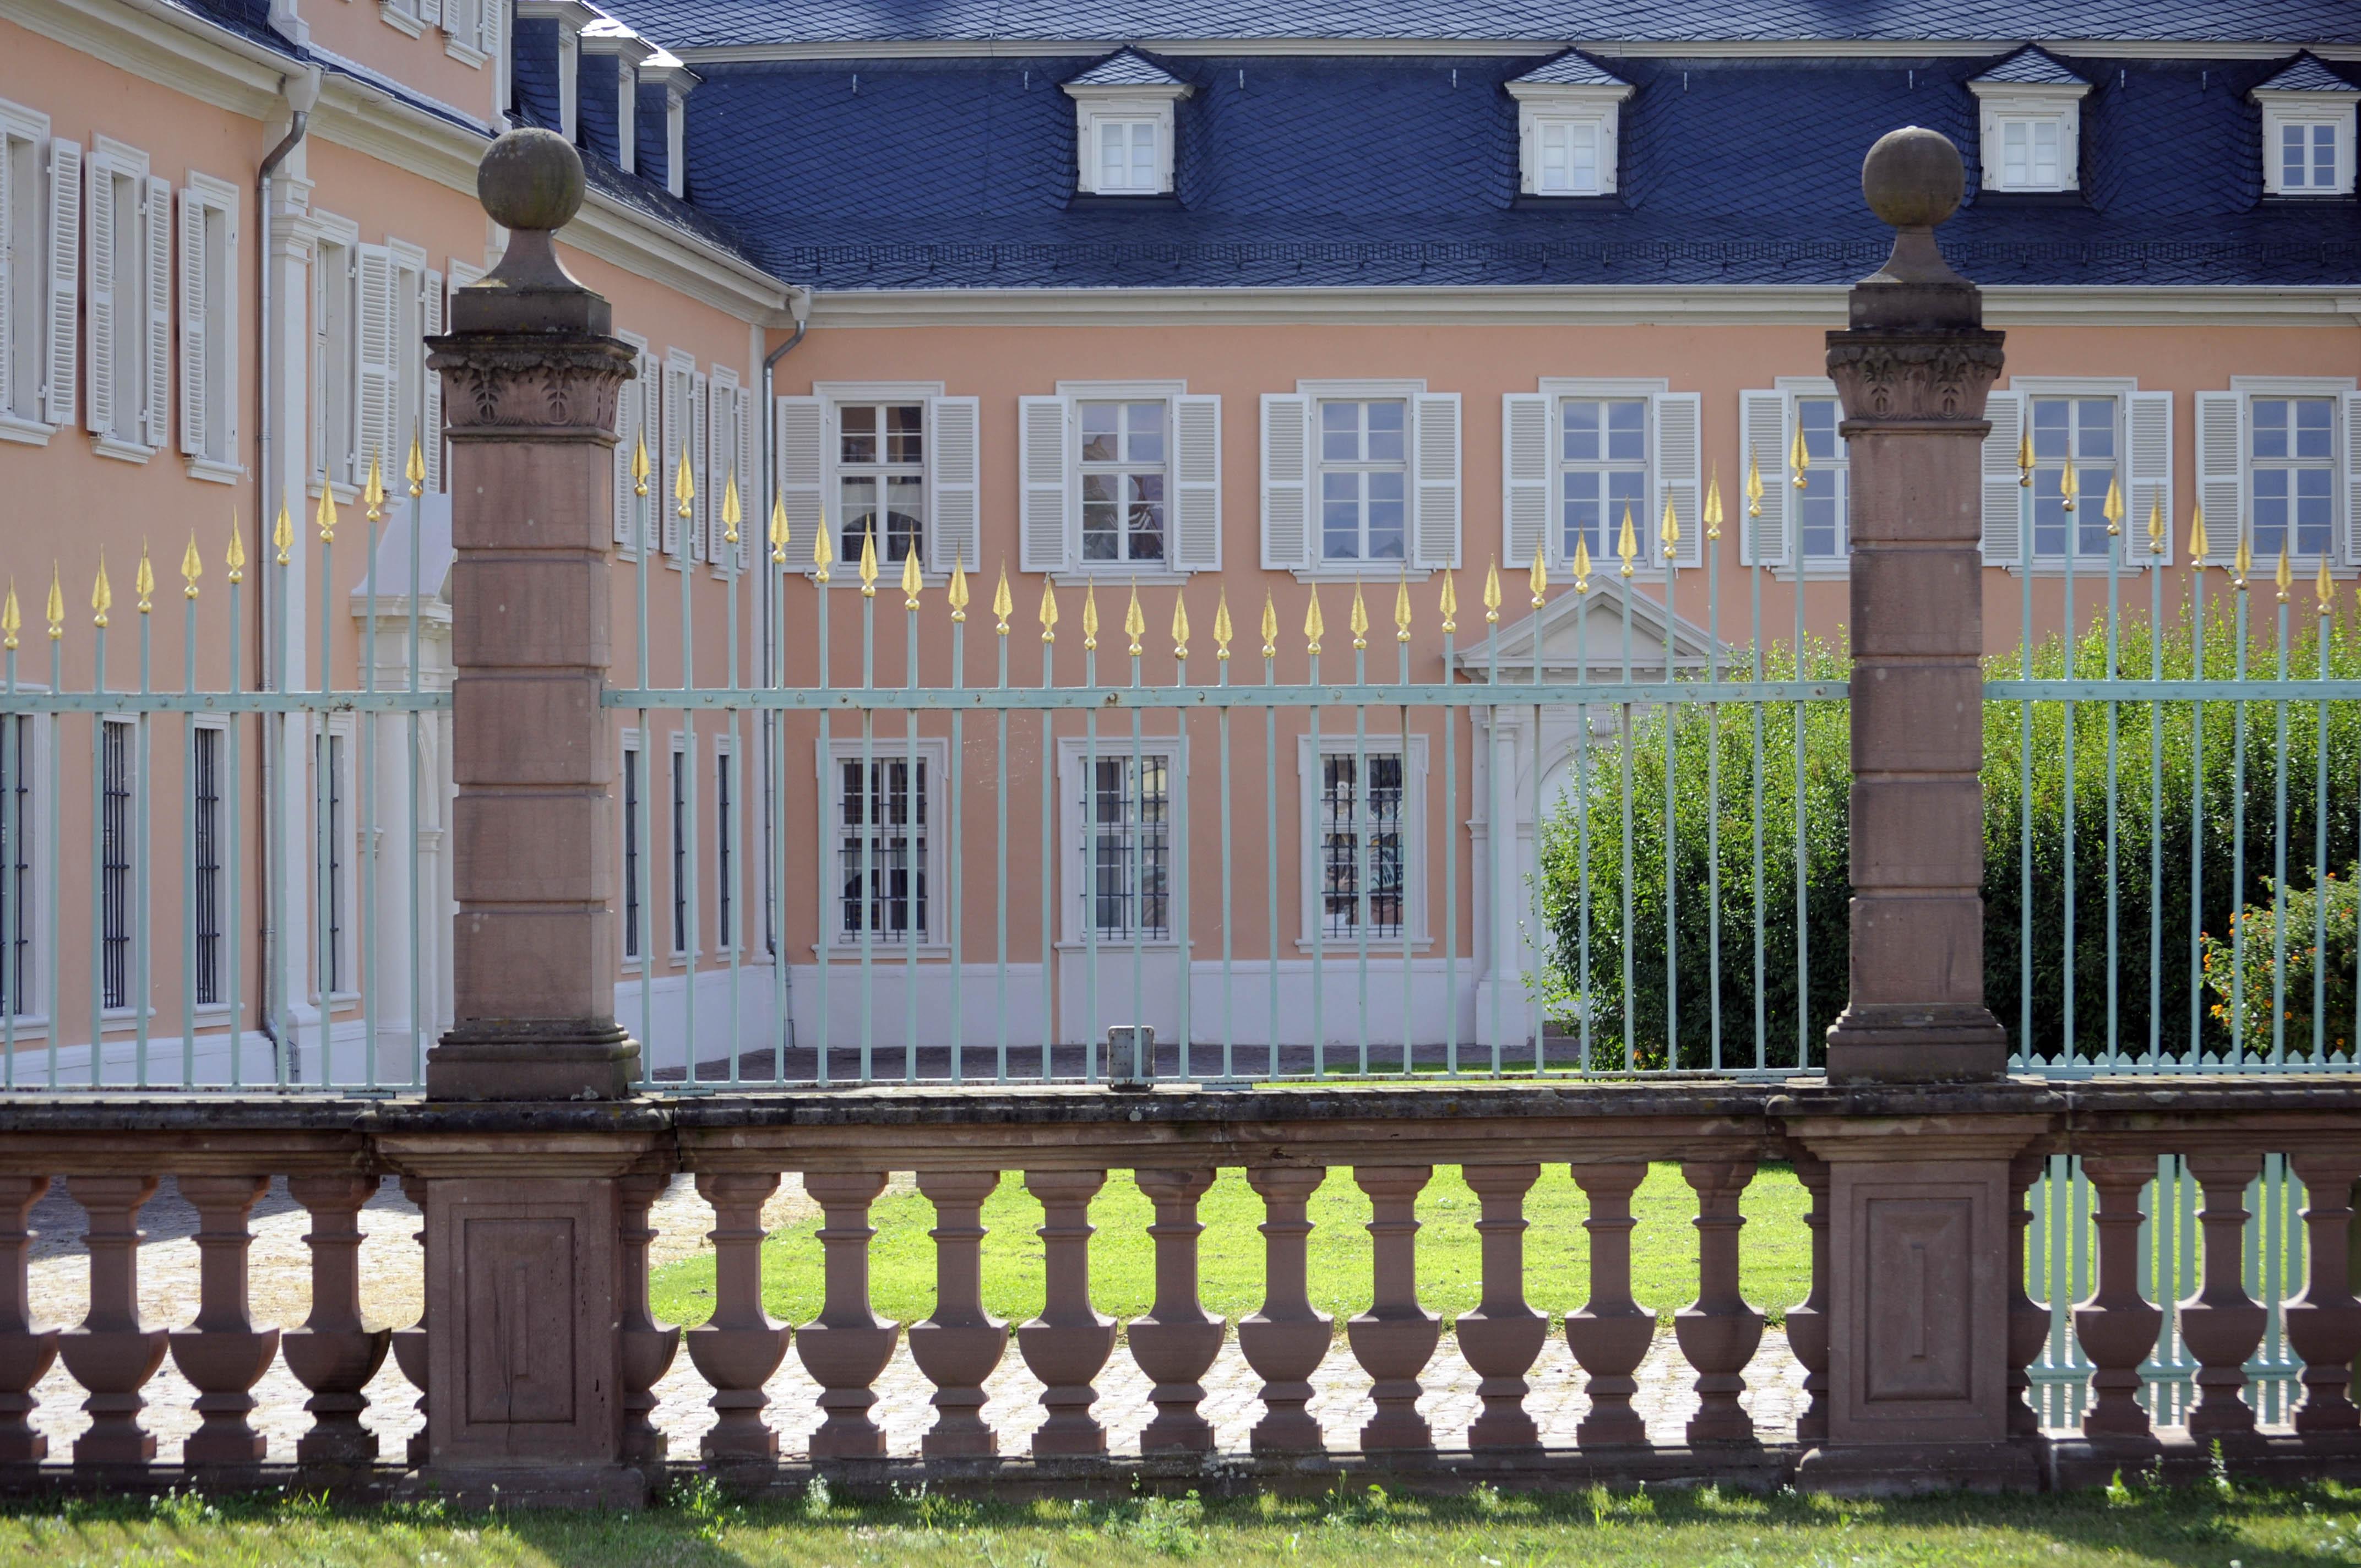 File:Schloss Schwetzingen, Zaun.JPG - Wikimedia Commons